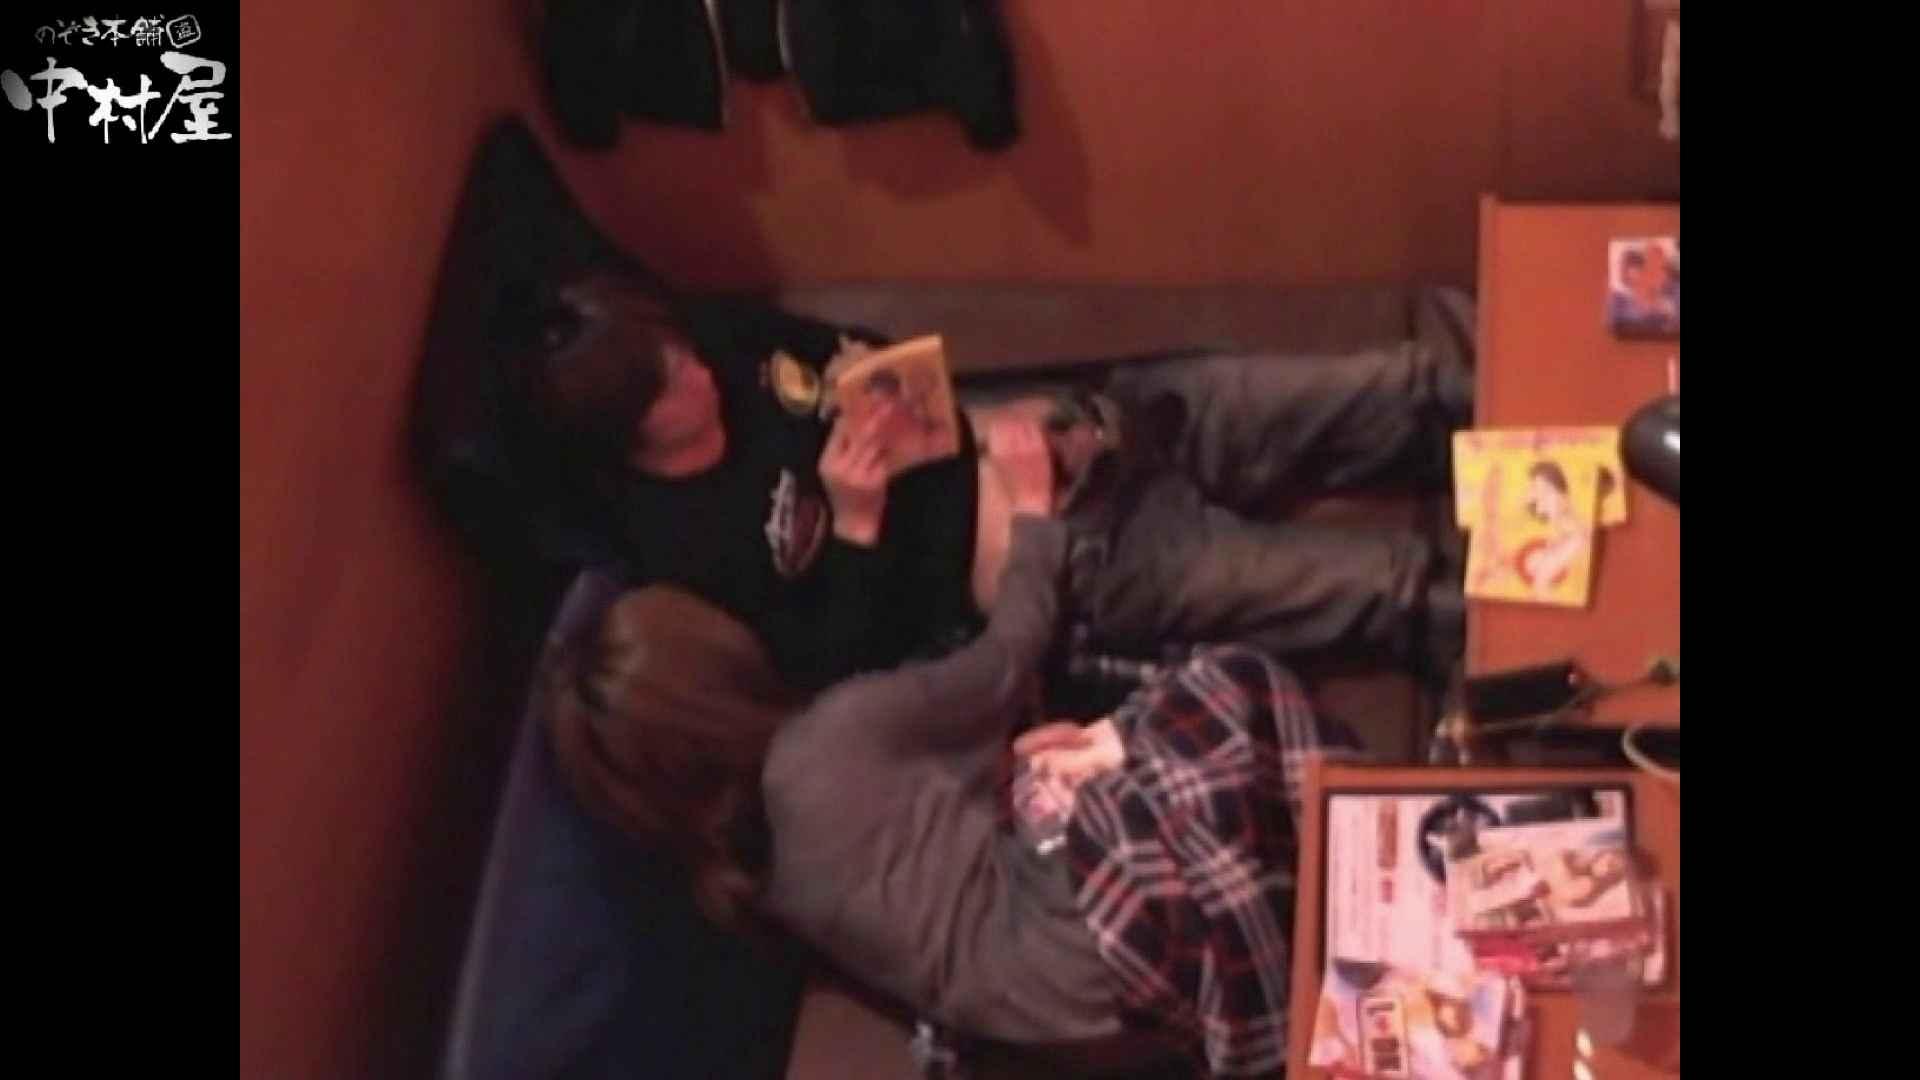 ネットカフェ盗撮師トロントさんの 素人カップル盗撮記vol.2 盗撮師作品 セックス画像 100pic 35